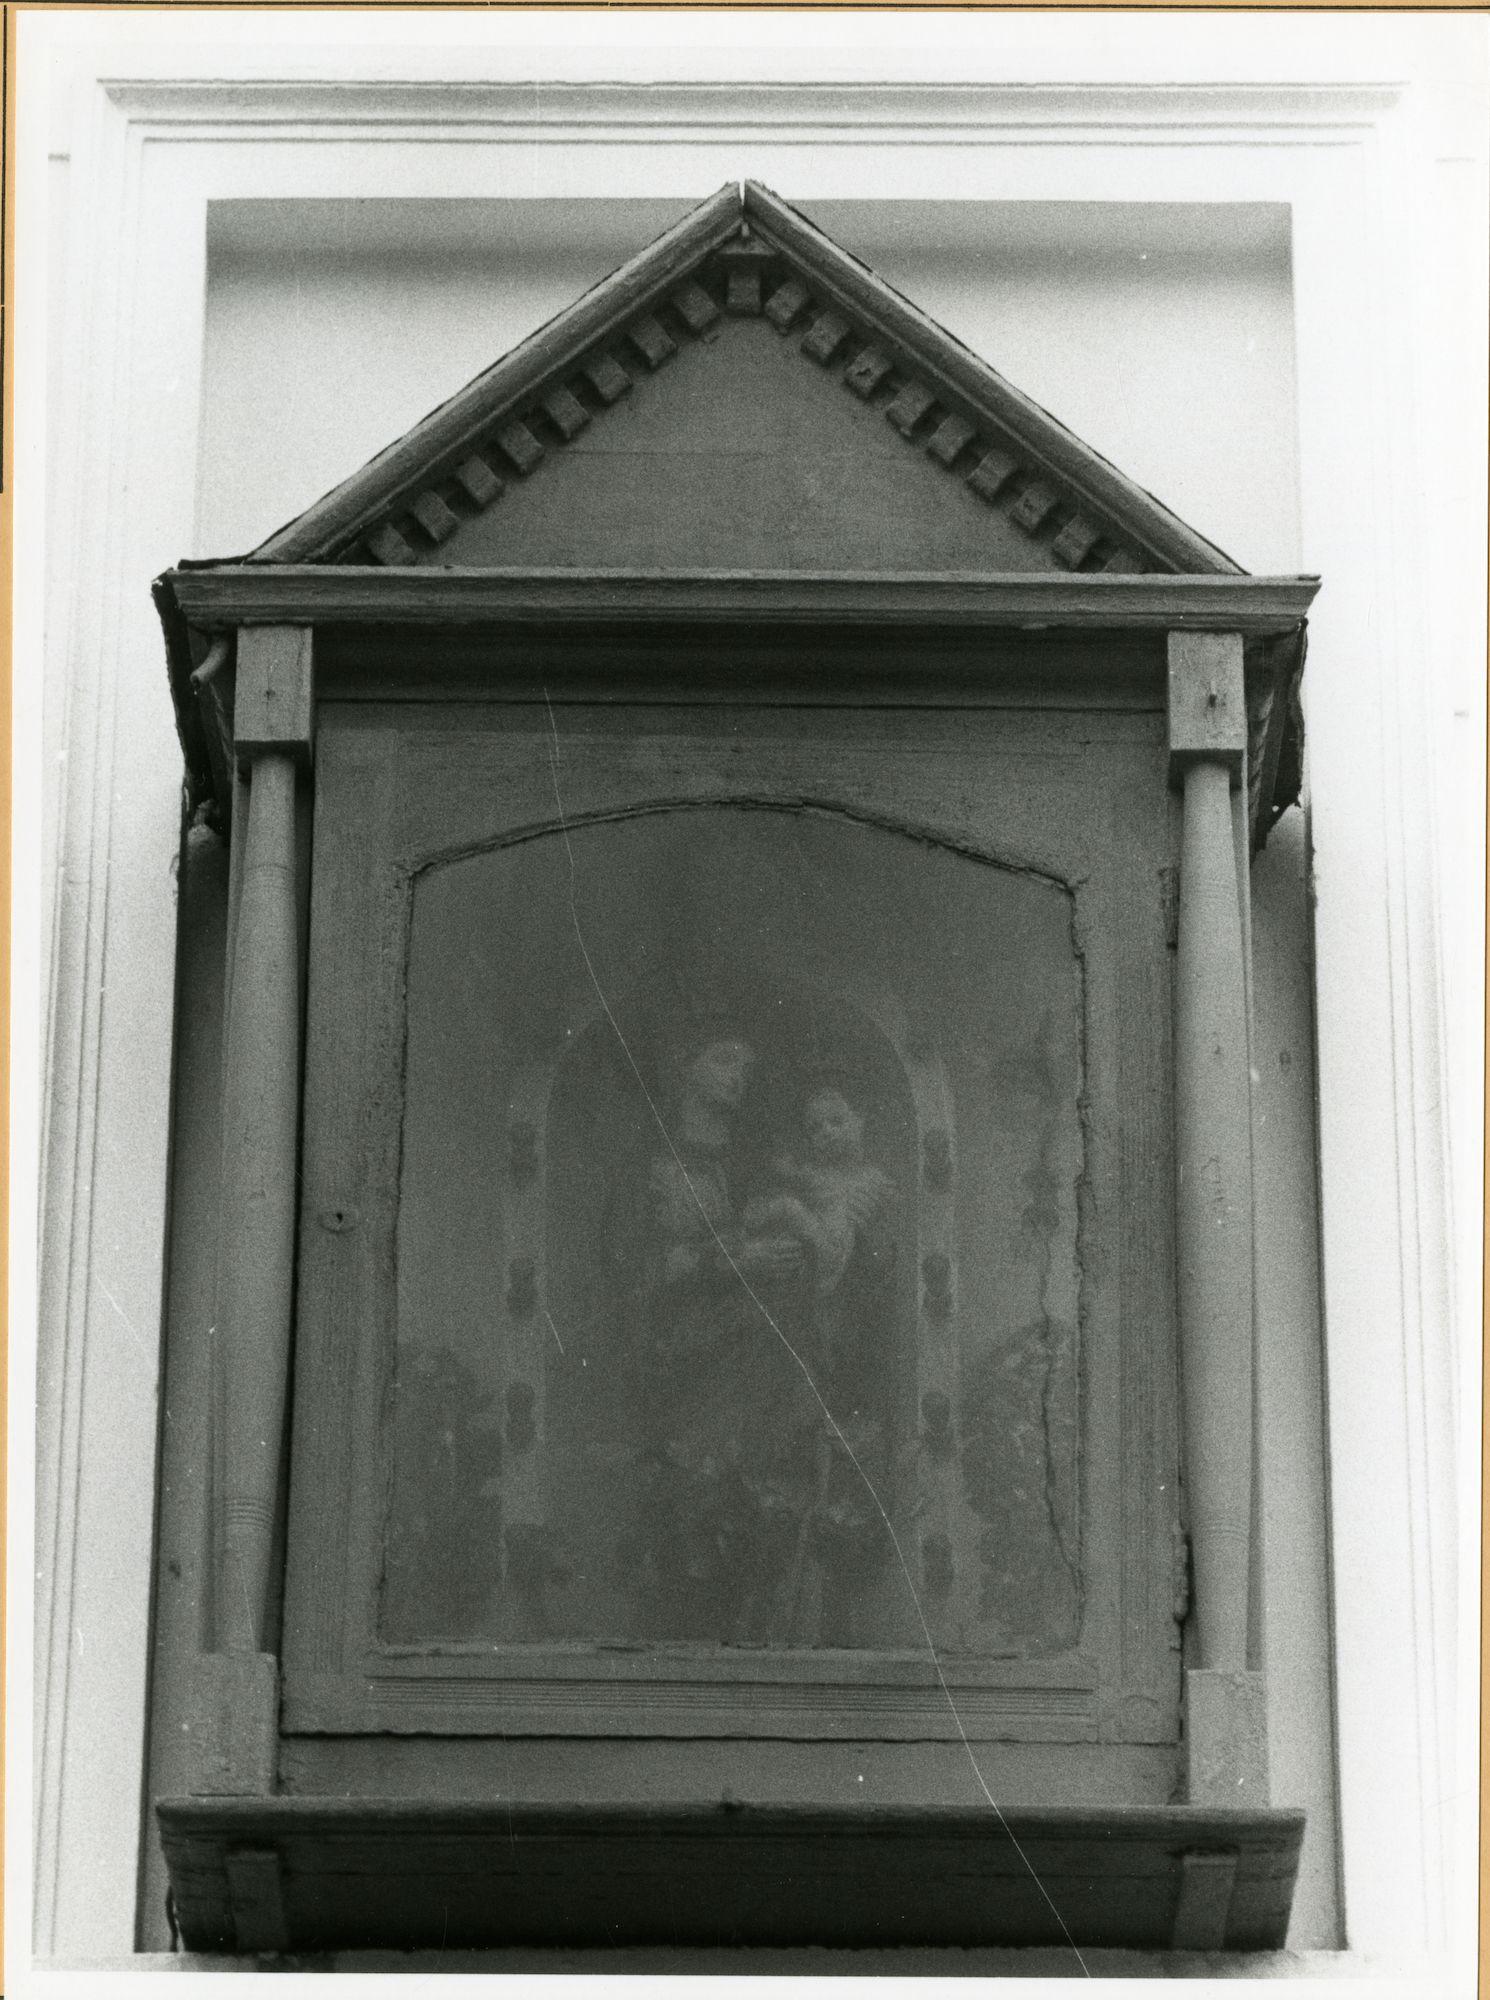 Gent: Godshuishanneke: gevelkapel: Onze-Lieve-Vrouw,1979